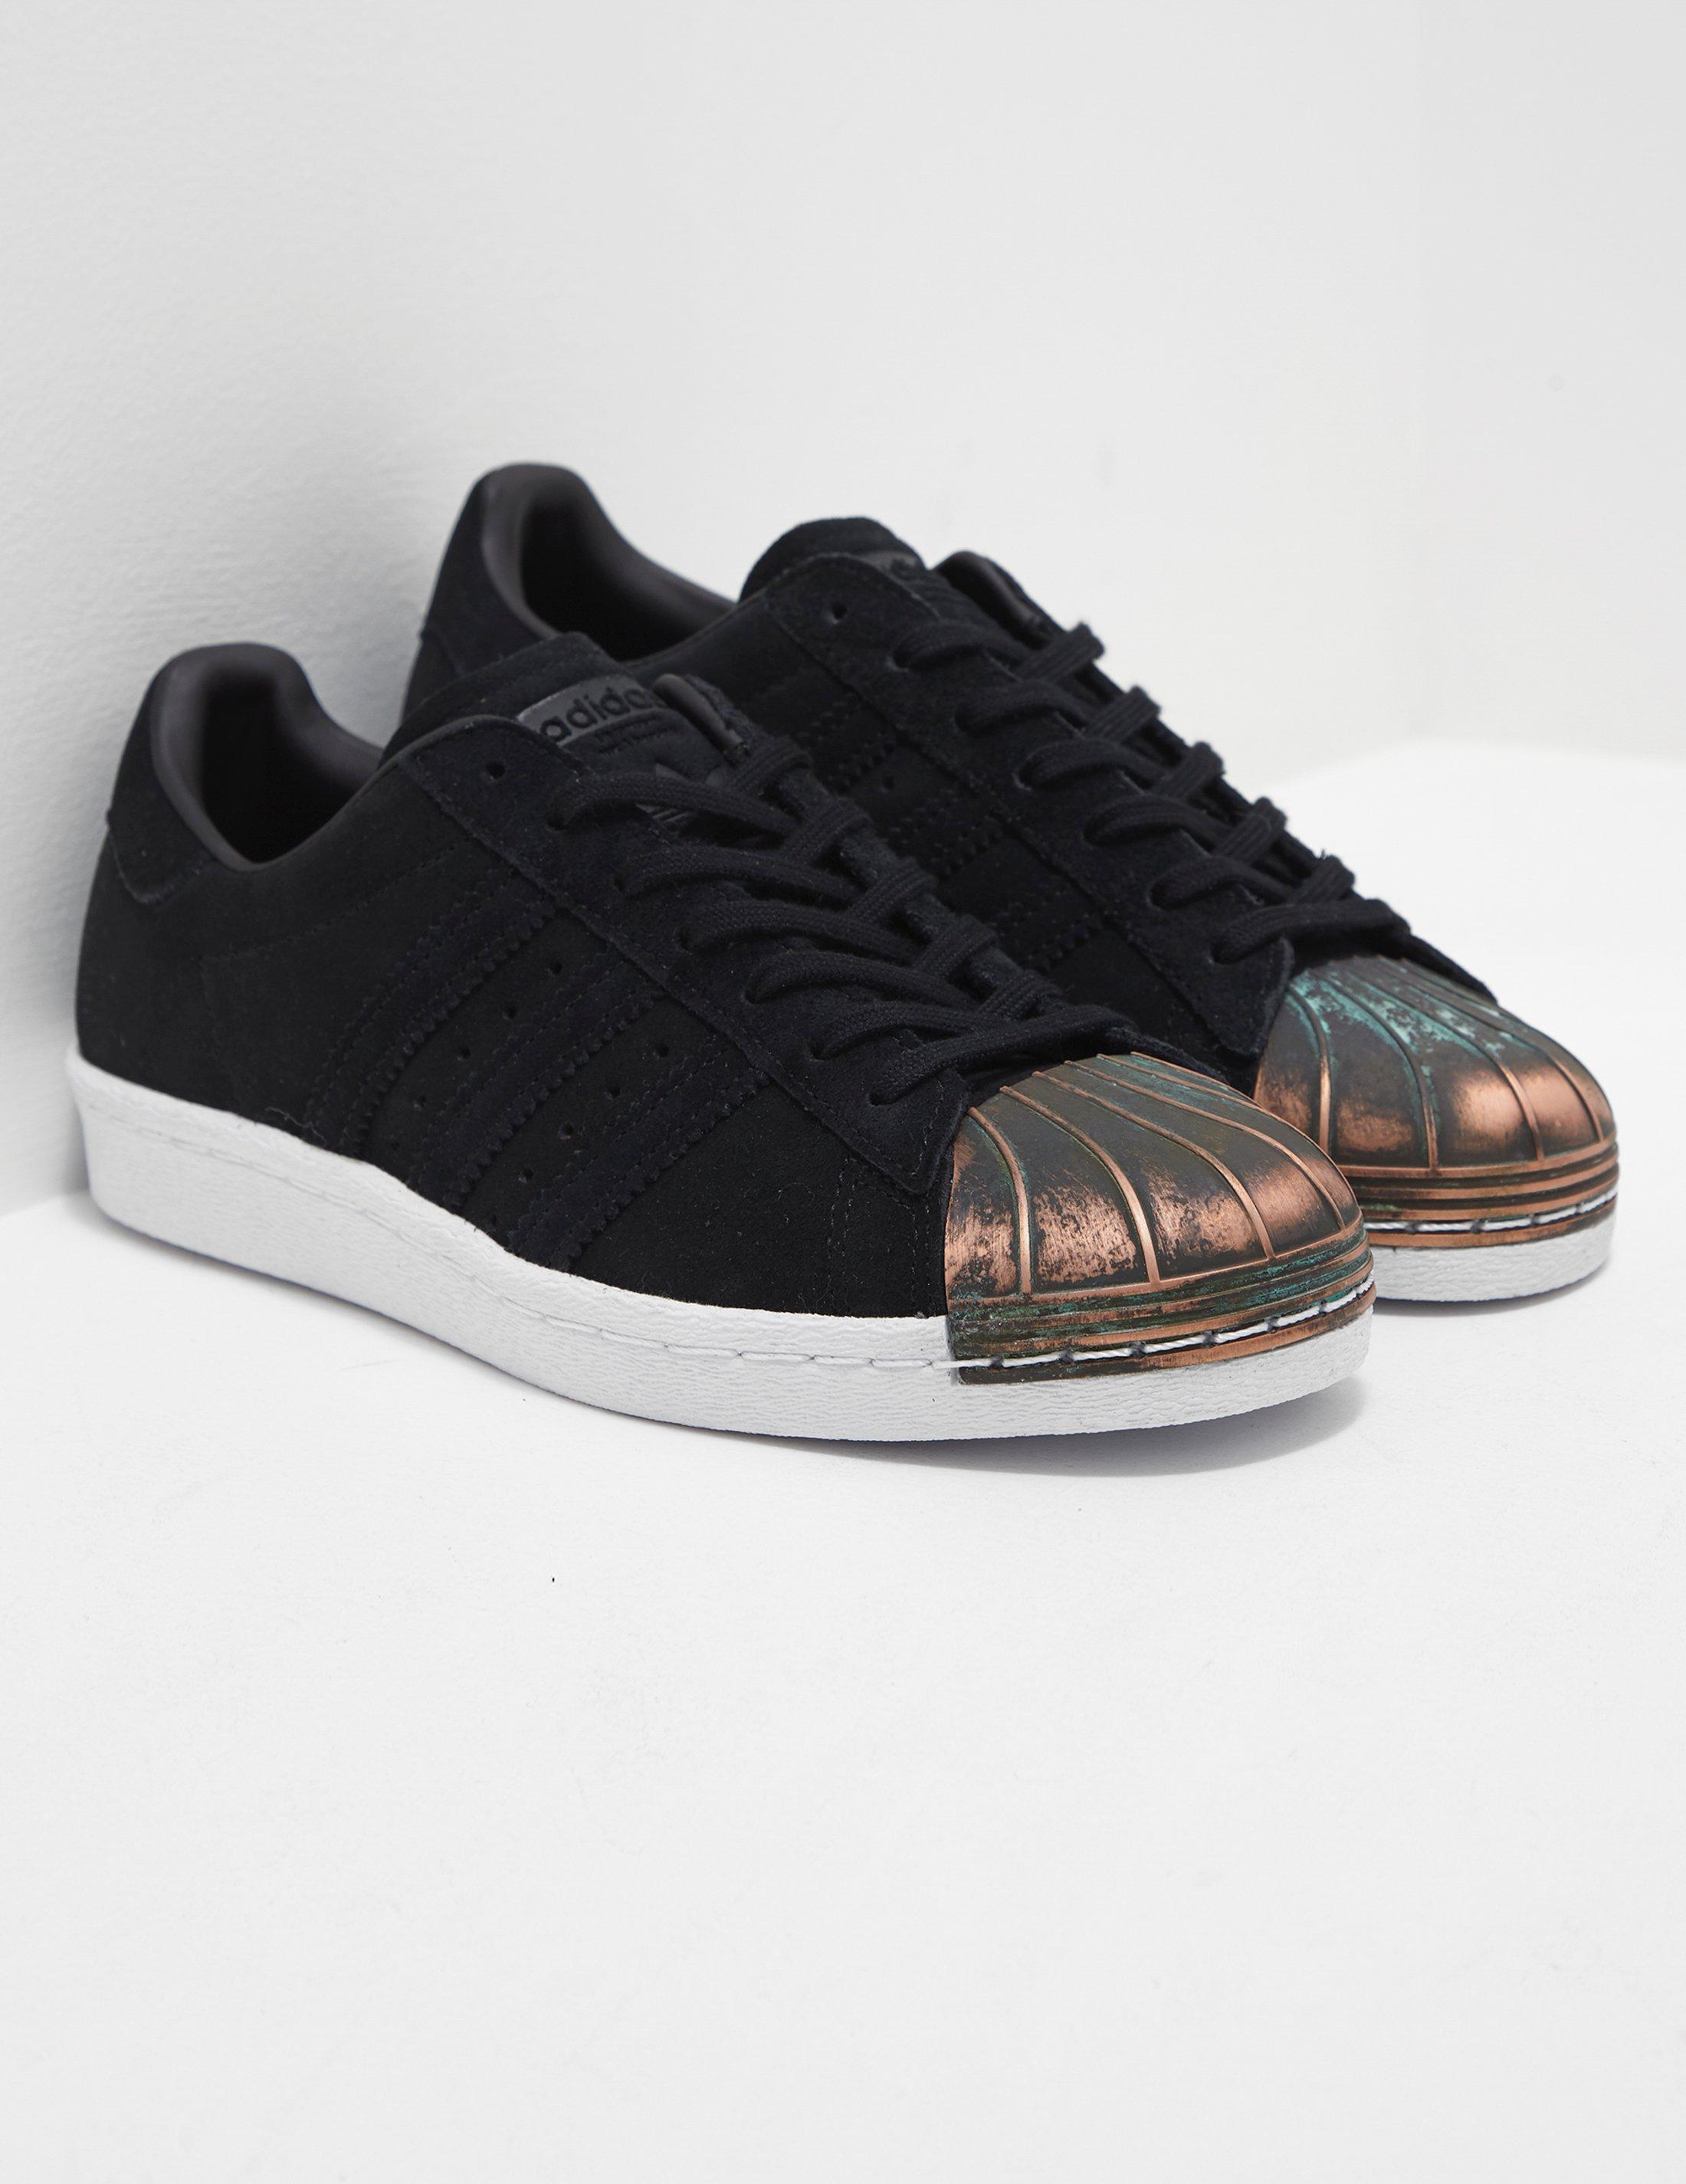 lyst adidas superstar degli anni ottanta marrone / marrone originali delle donne